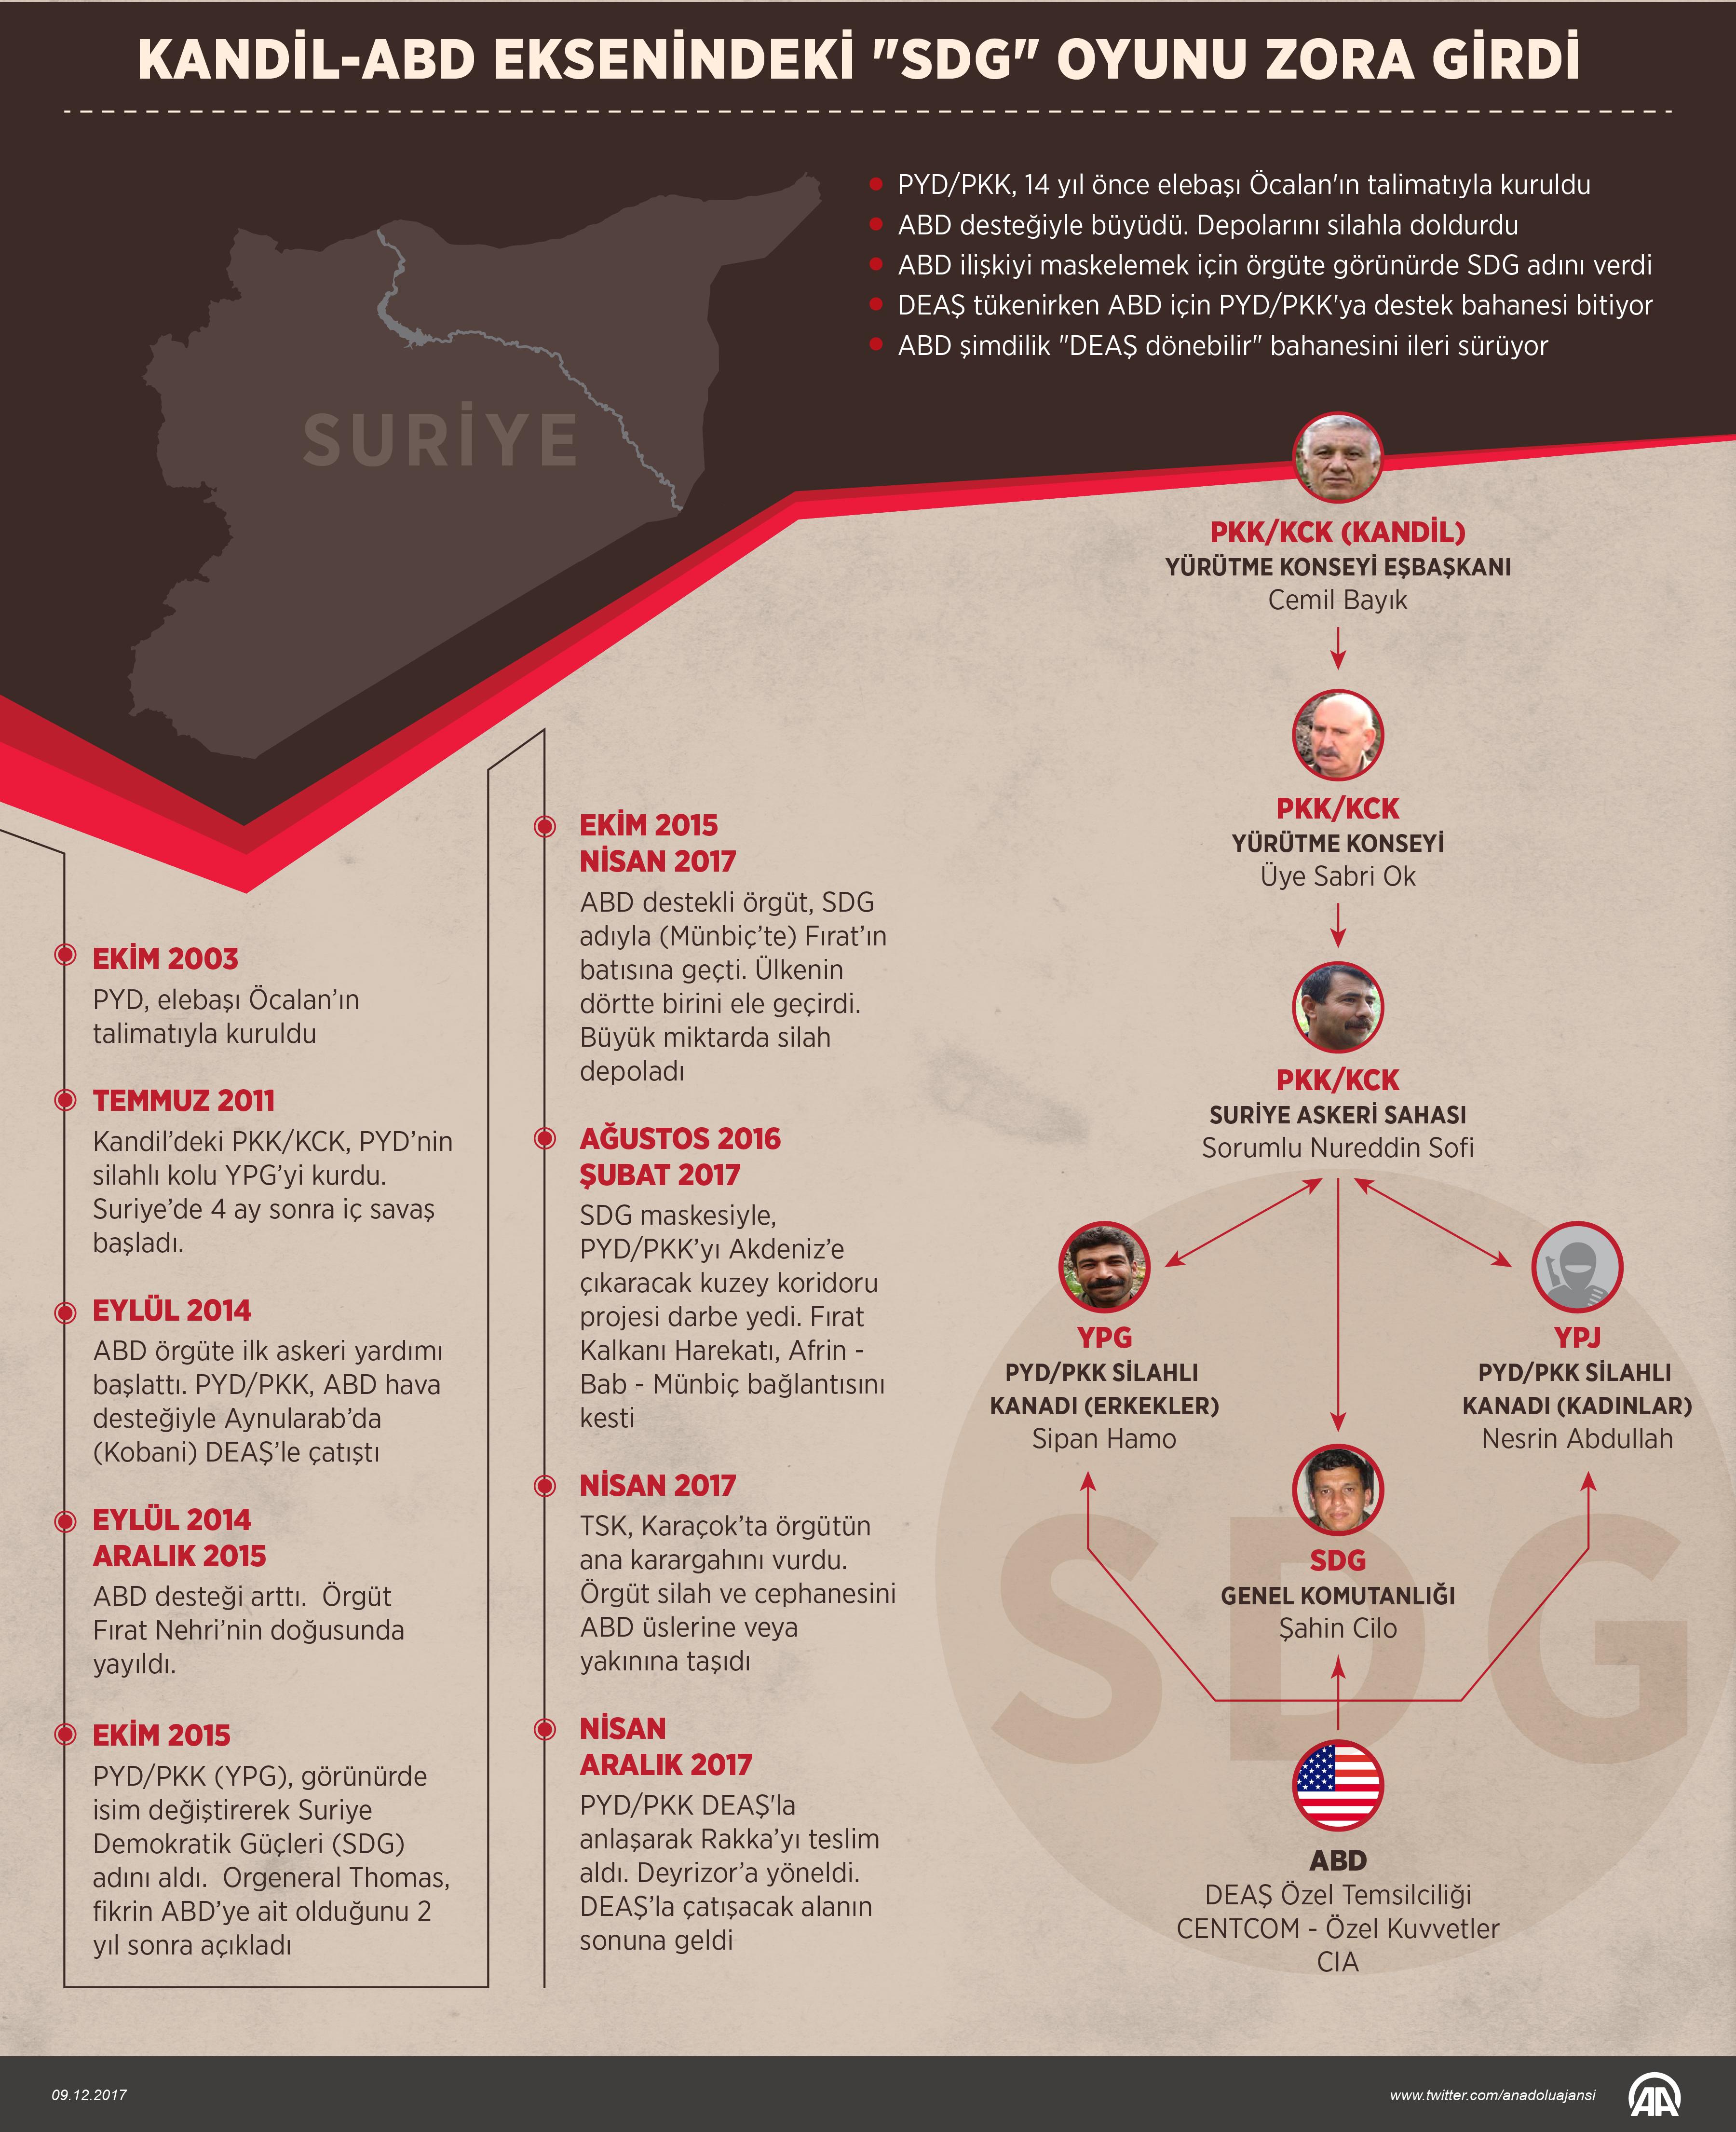 Kandil-ABD iş birliğinin yeni bahanesi